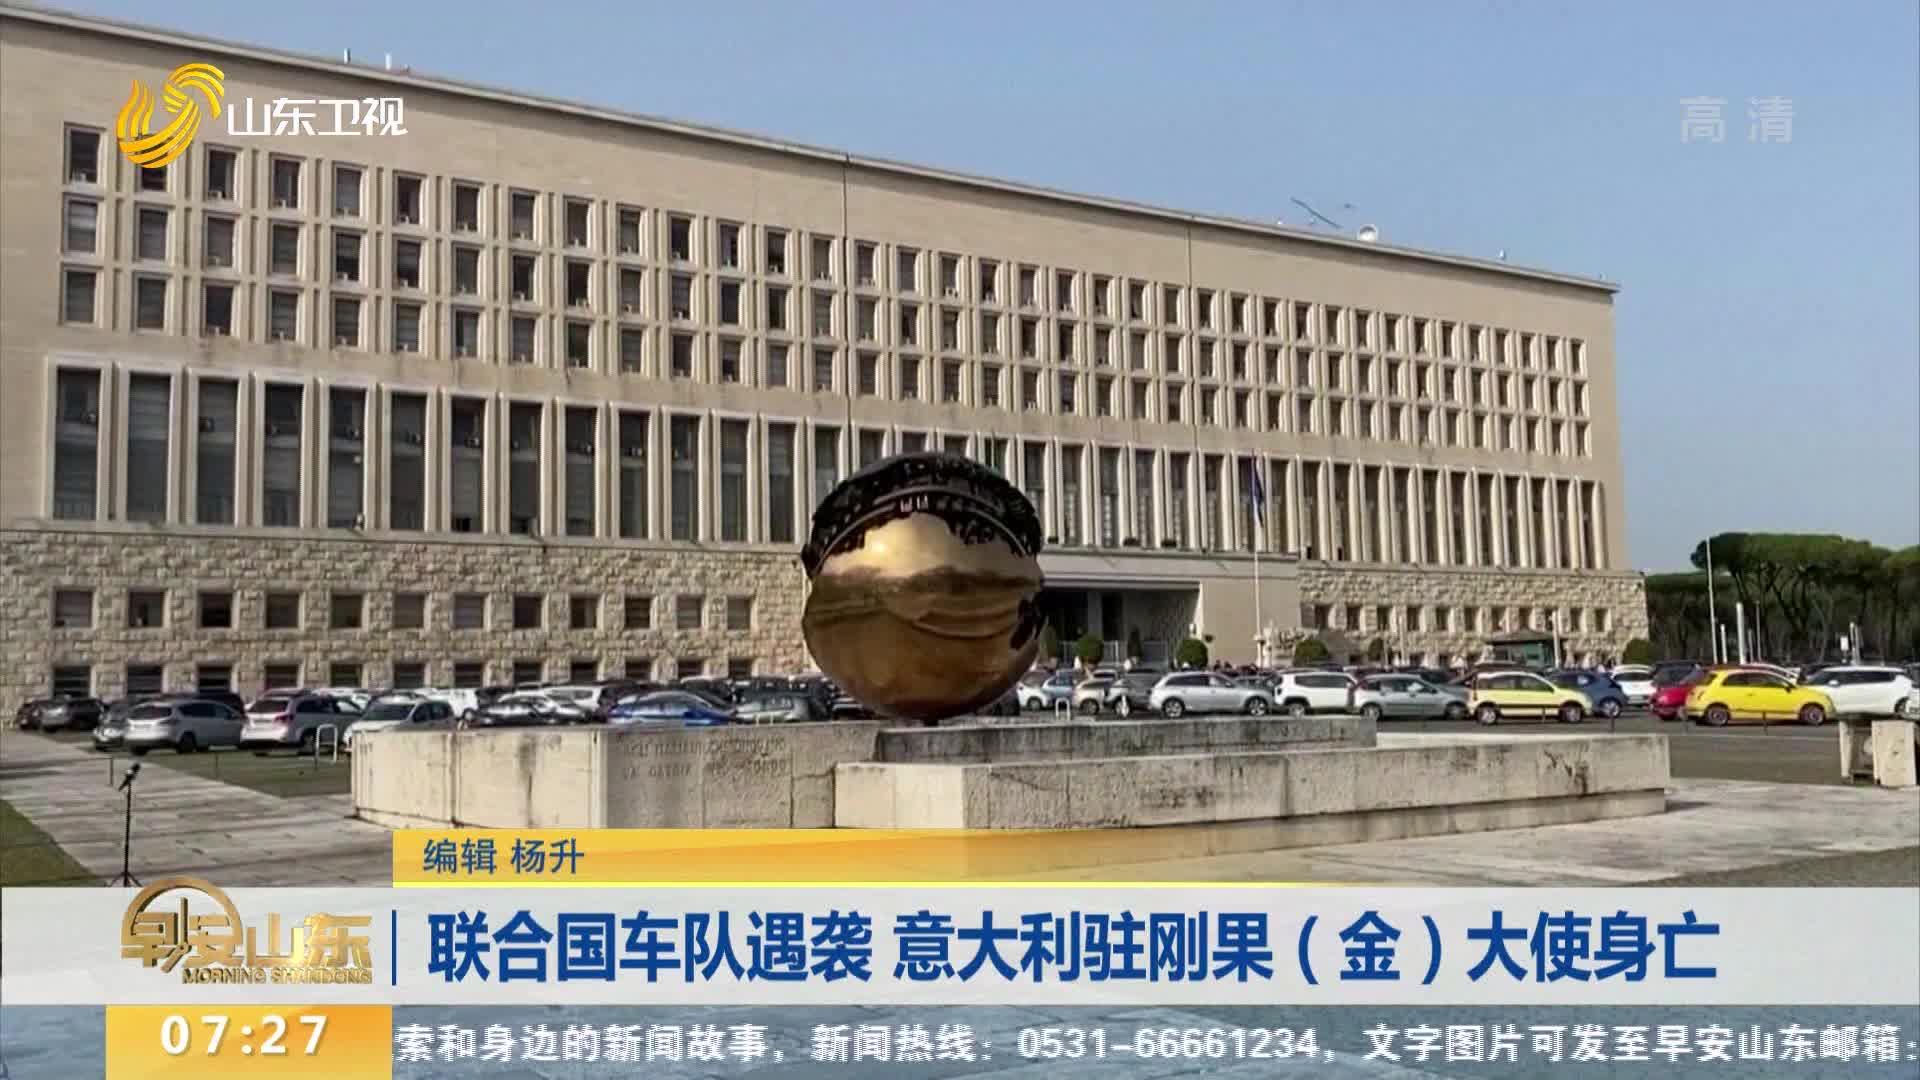 联合国车队遇袭 意大利驻刚果(金)大使身亡